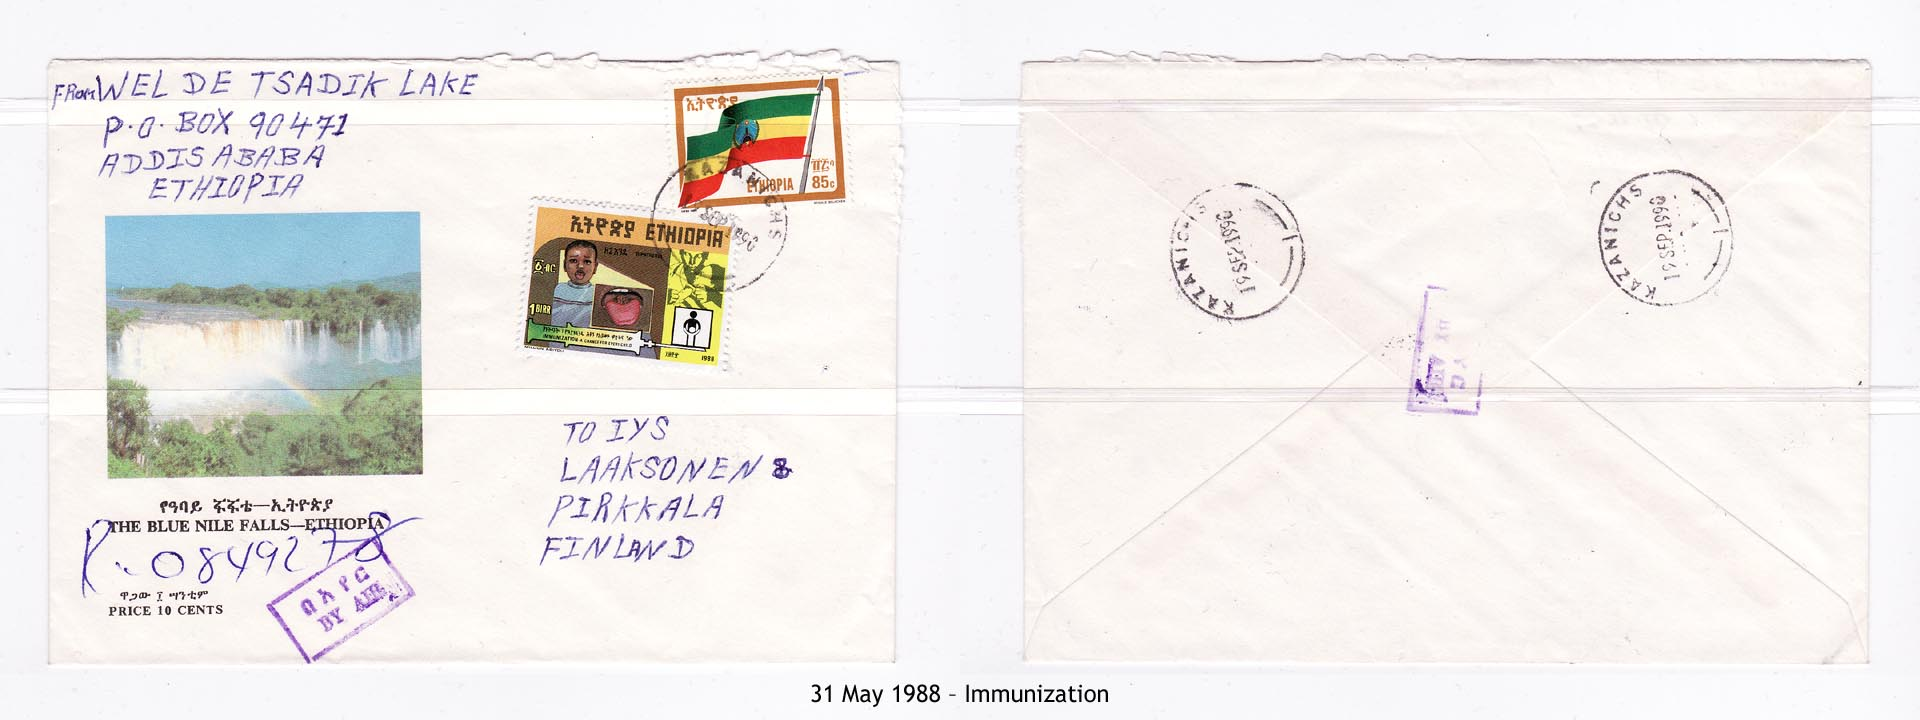 19880531 – Immunization